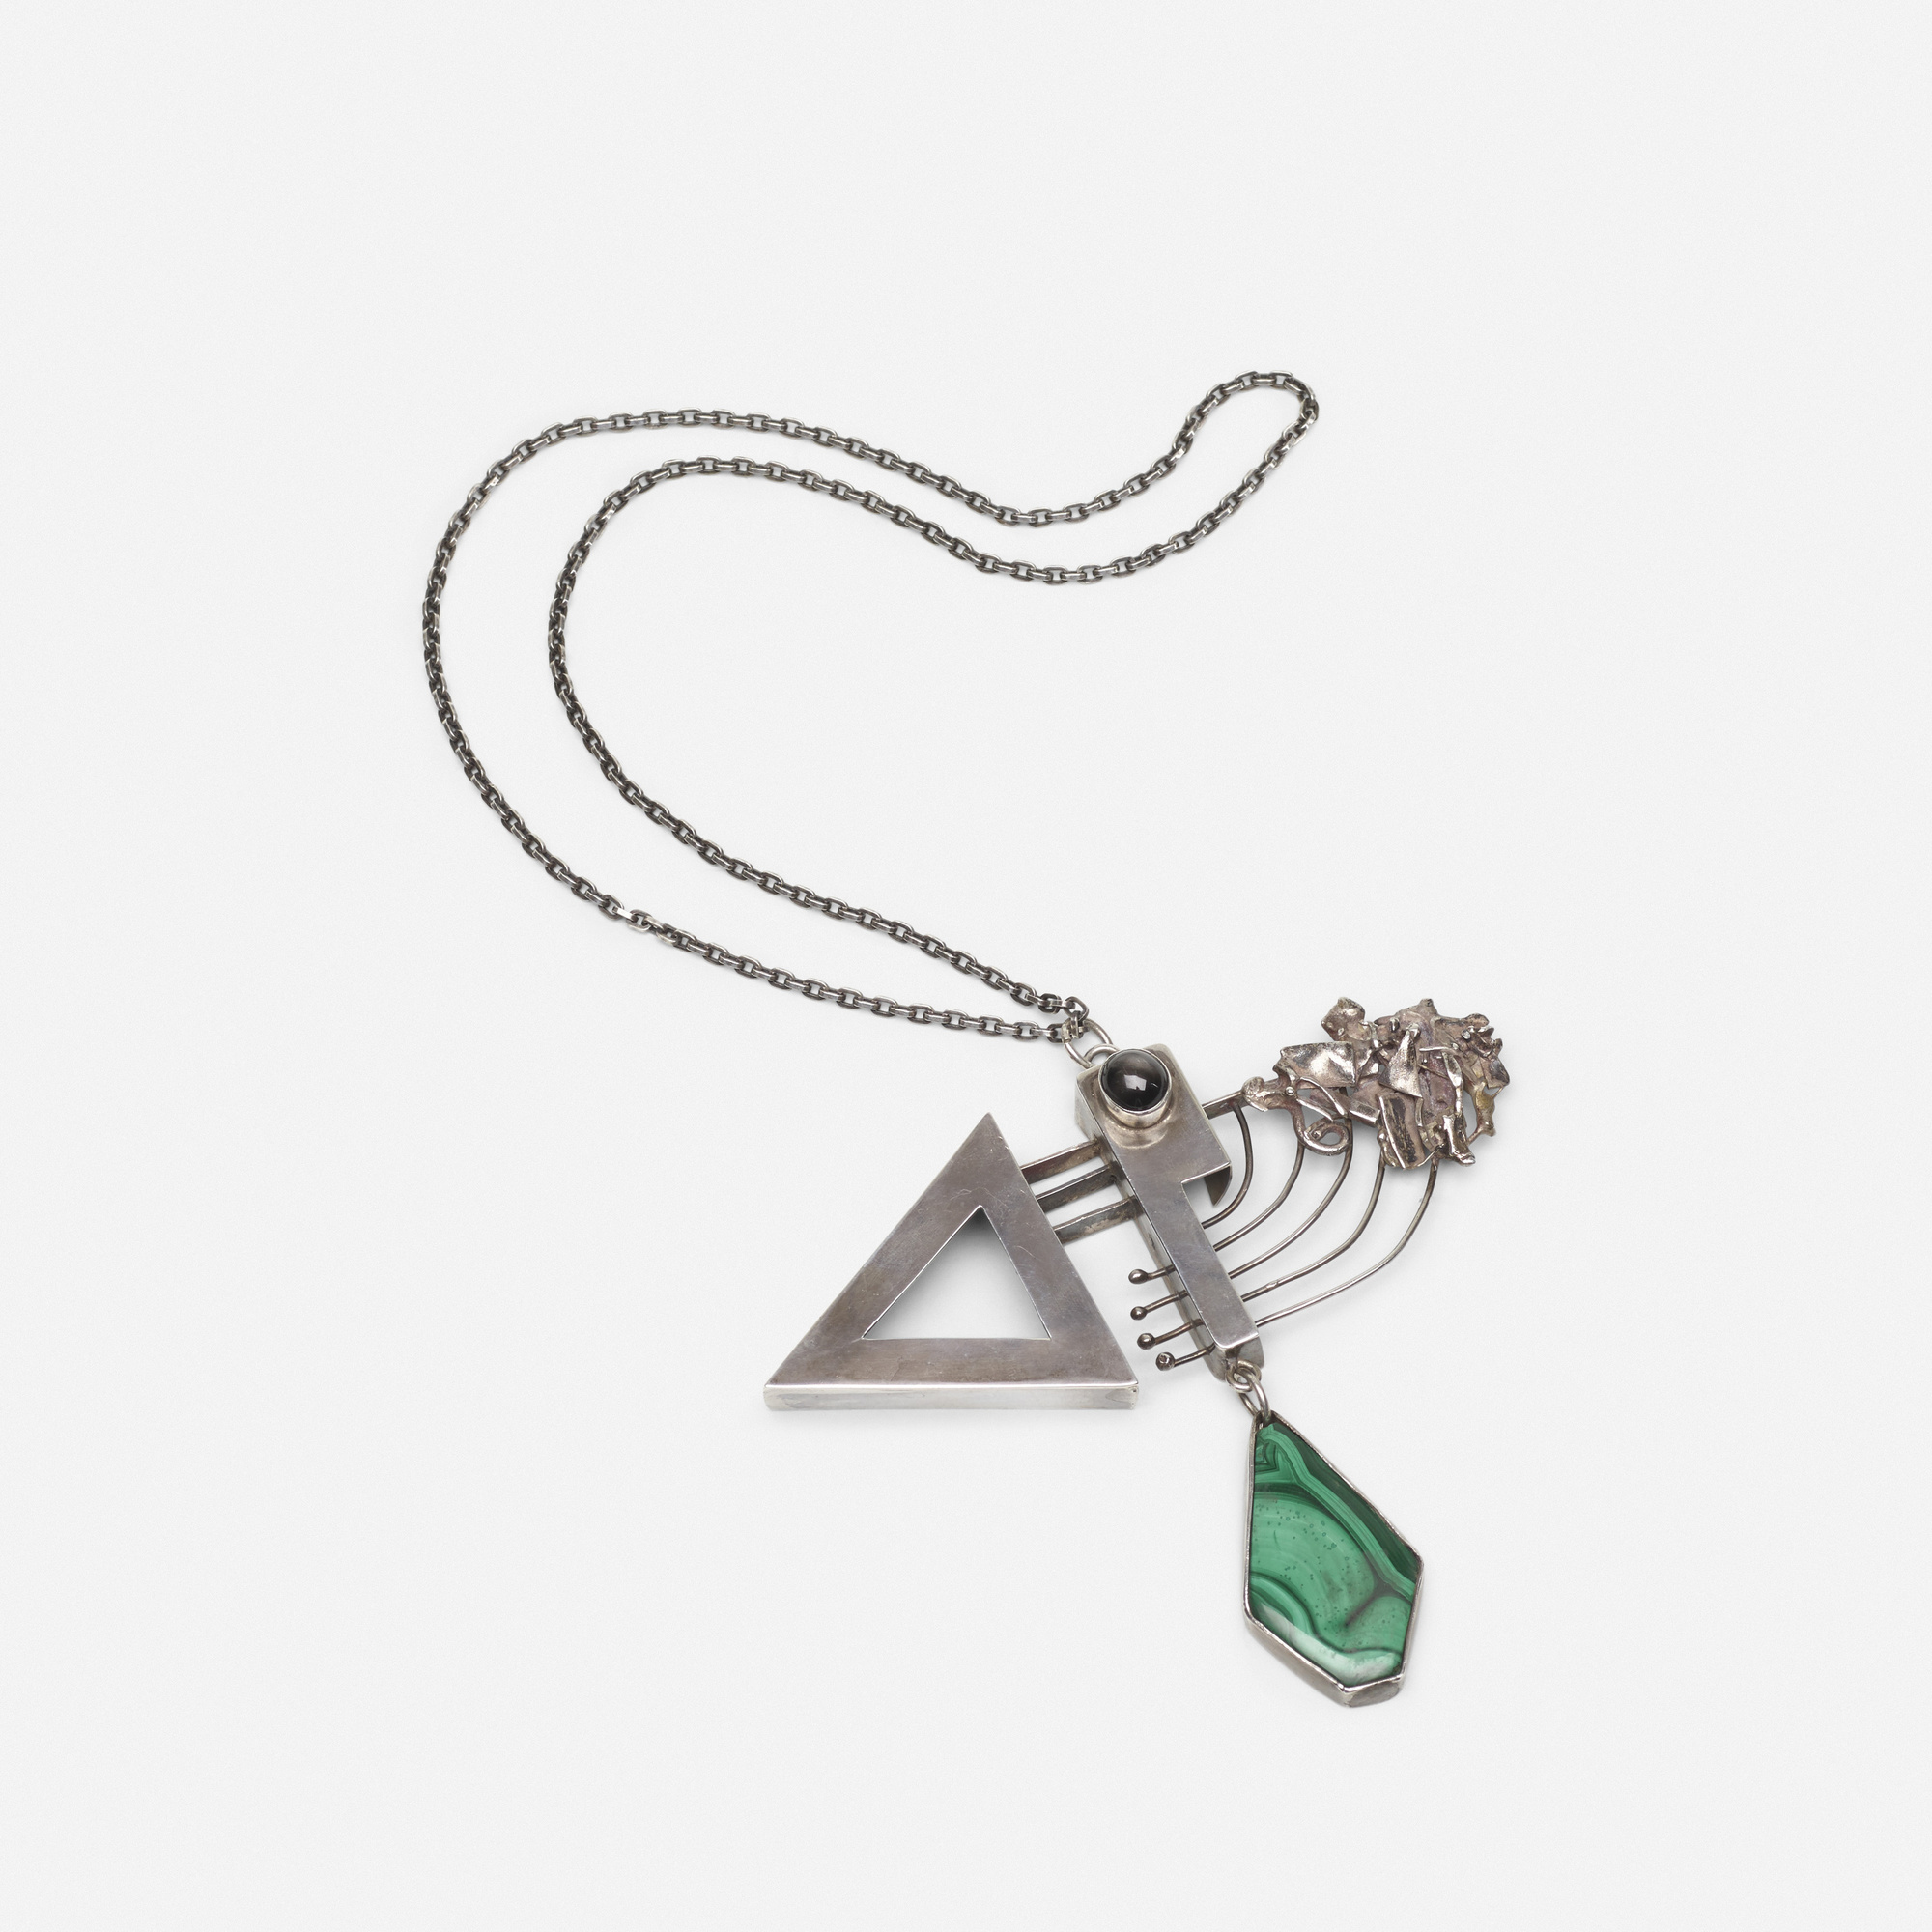 167: Rolph Scarlett / Arrow necklace (1 of 2)